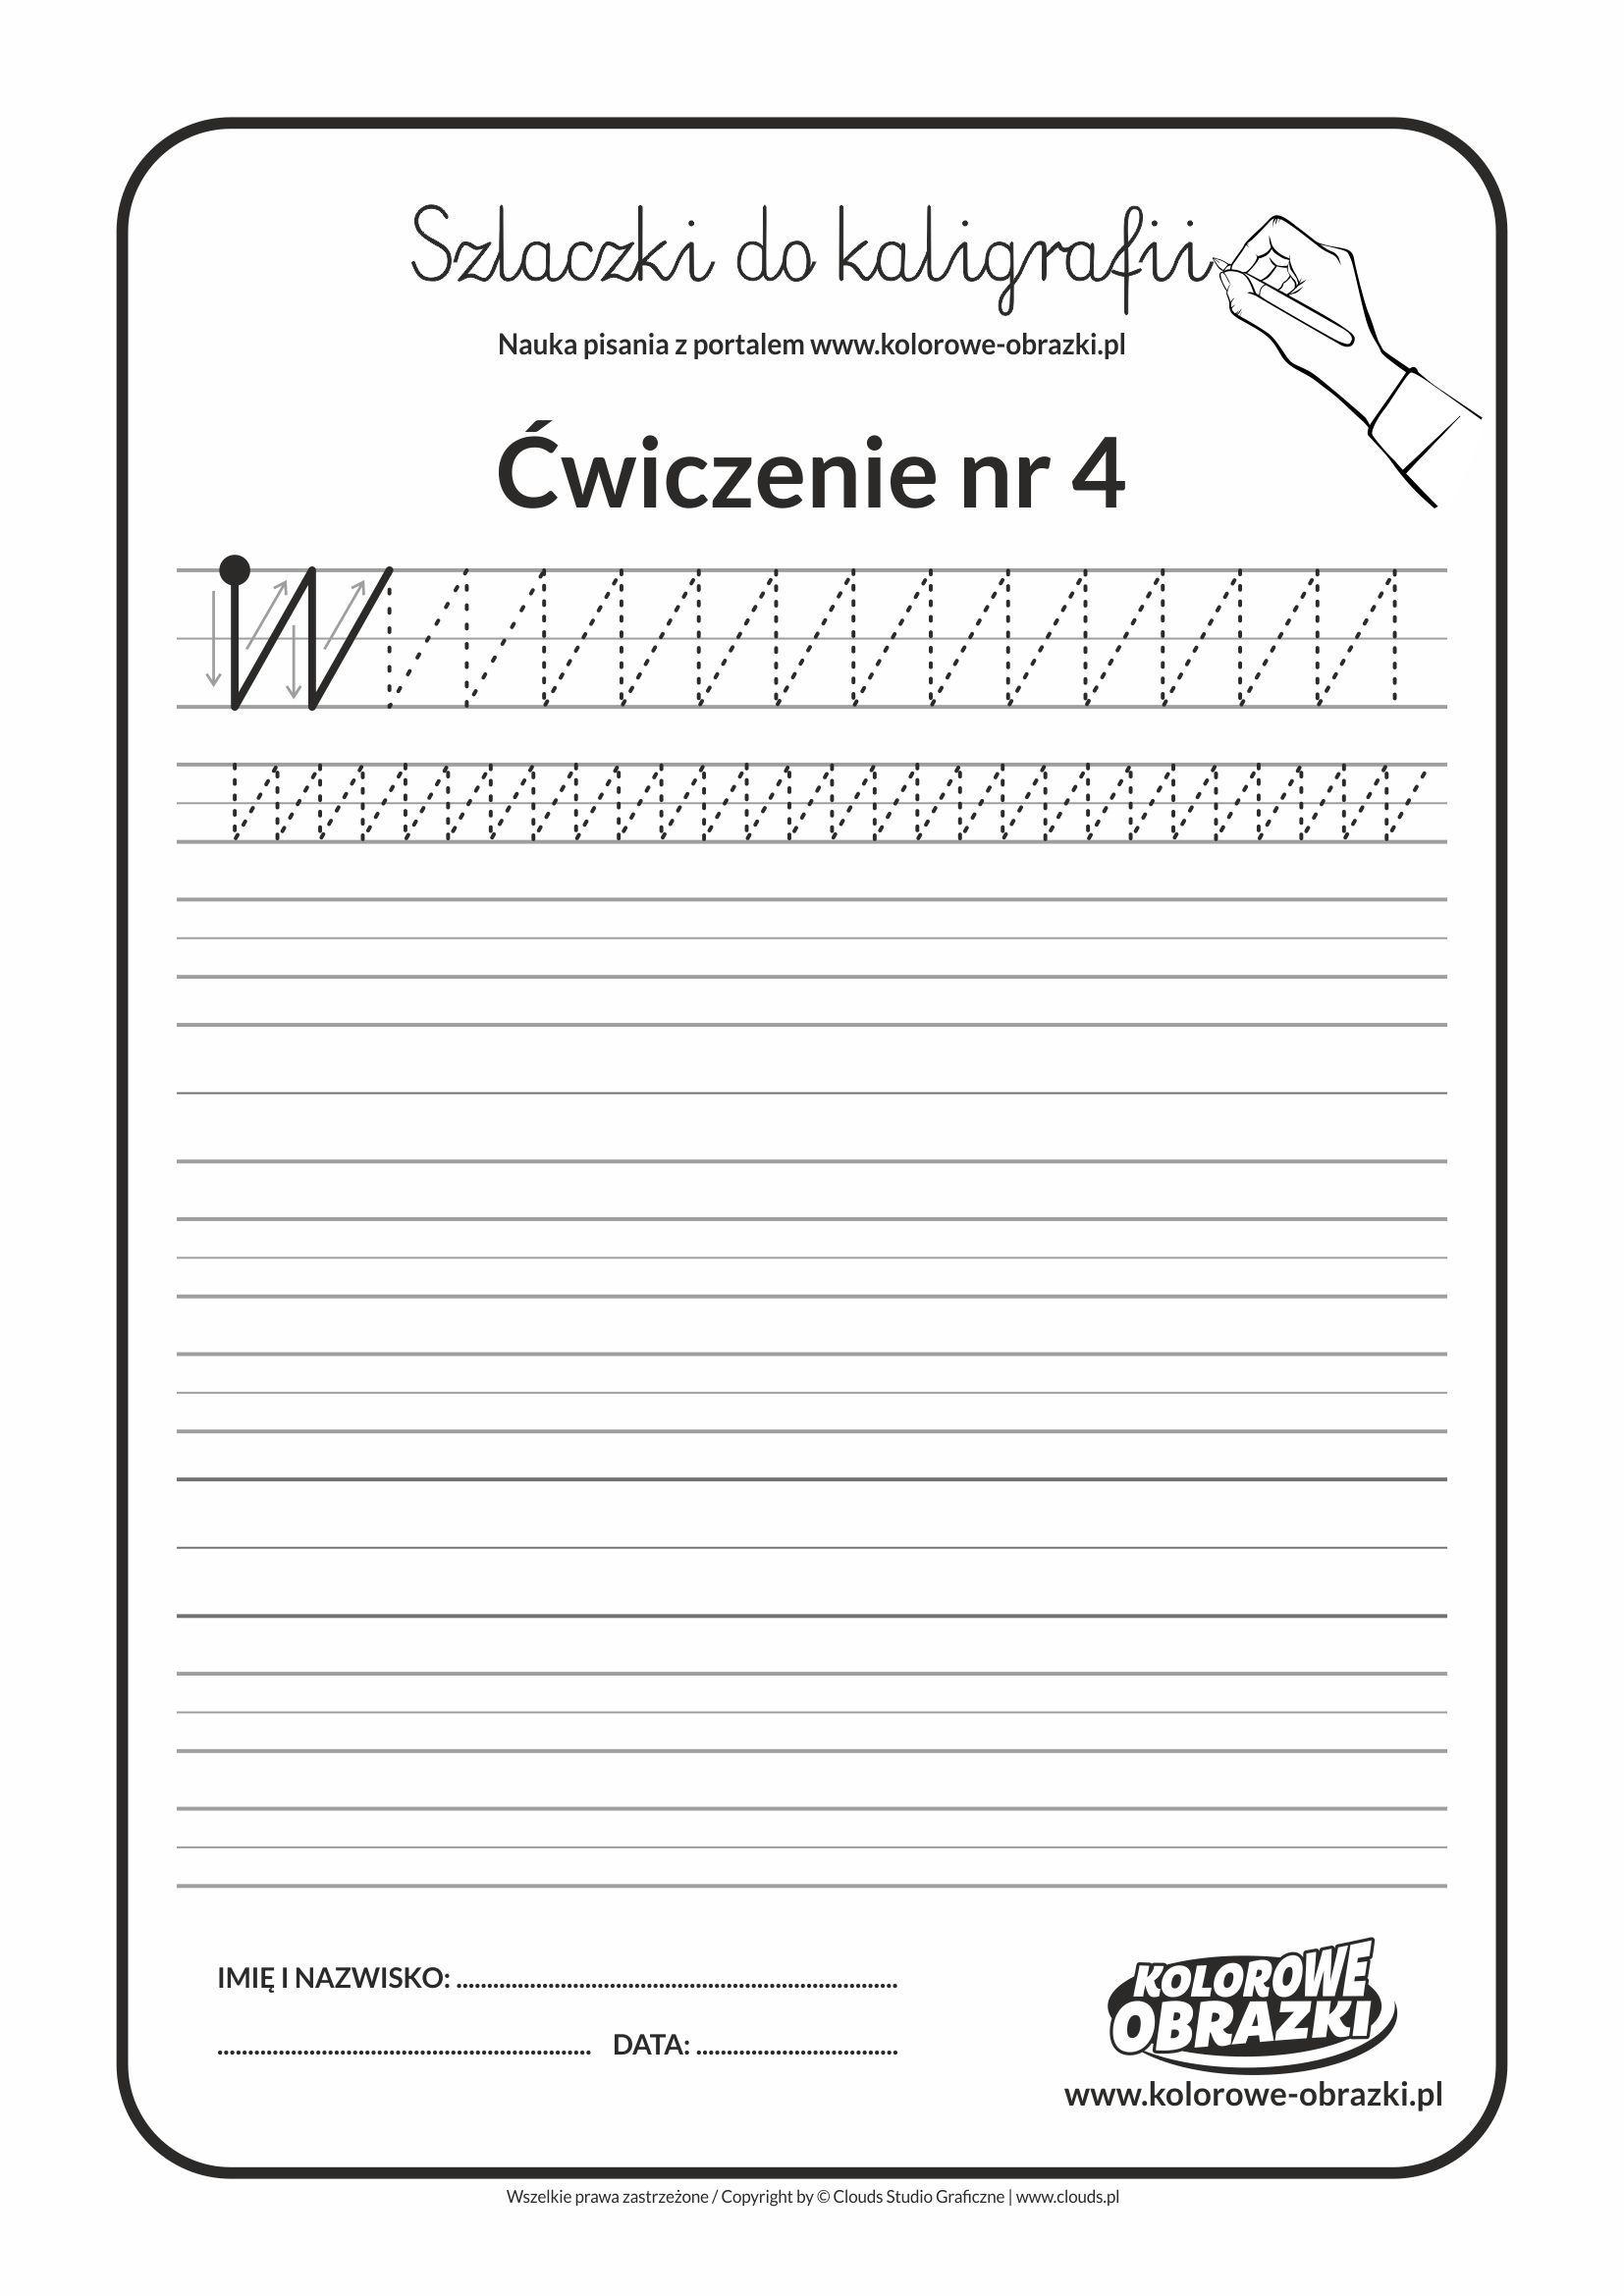 Kaligrafia Dla Dzieci Cwiczenia Kaligraficzne Szlaczki Cwiczenie Nr 4 Dla Dzieci Dzieci I Kaligrafia